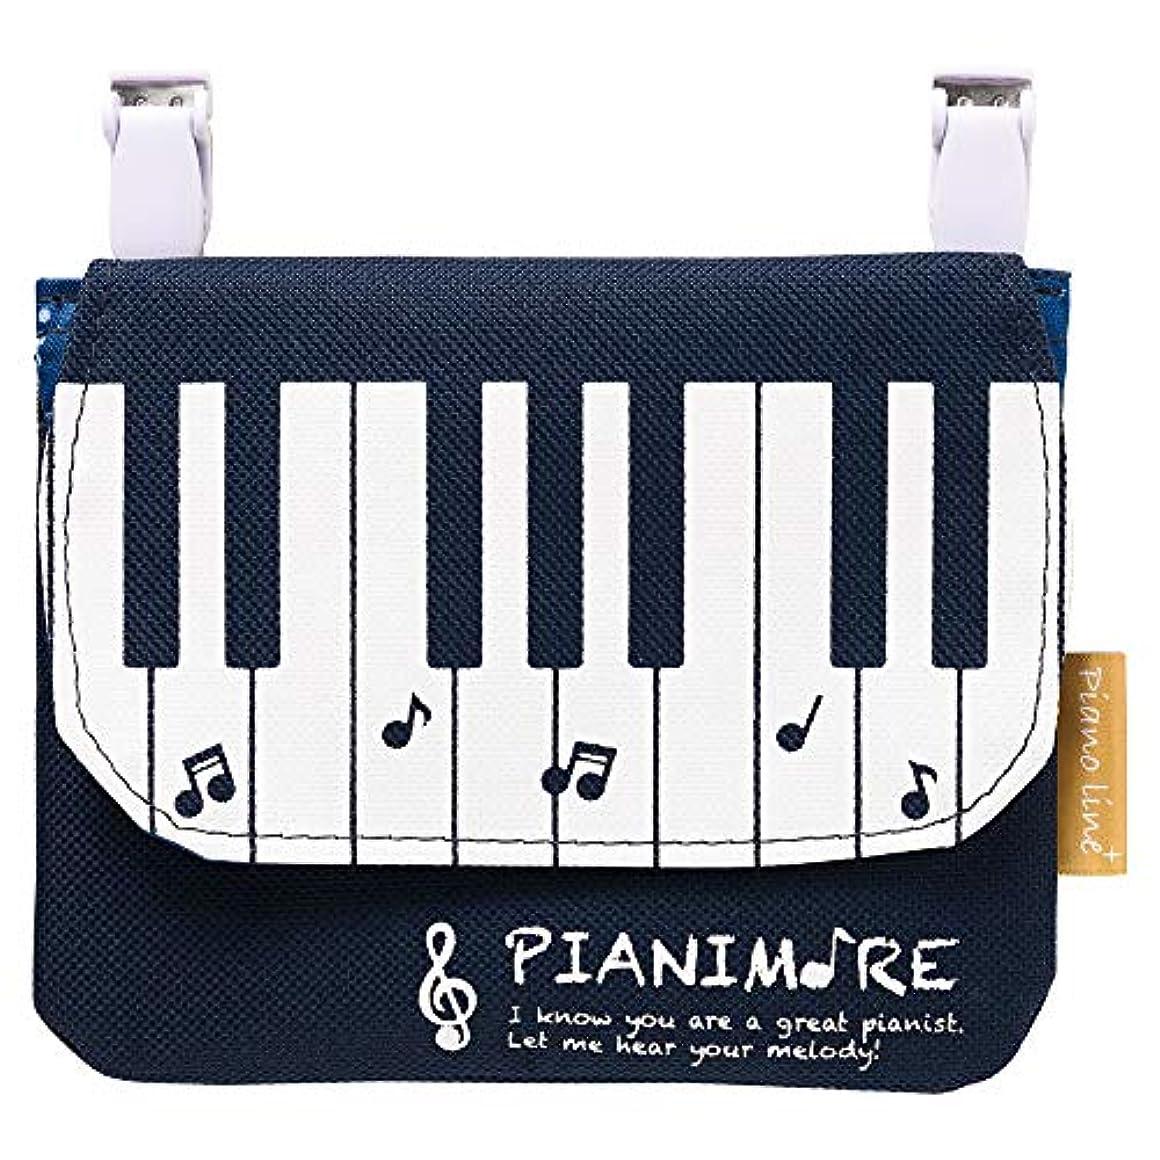 中止します収束する十分ではないPianimore ポケットポーチ 鍵盤柄 移動ポケット ティッシュ入れ付き 女の子用